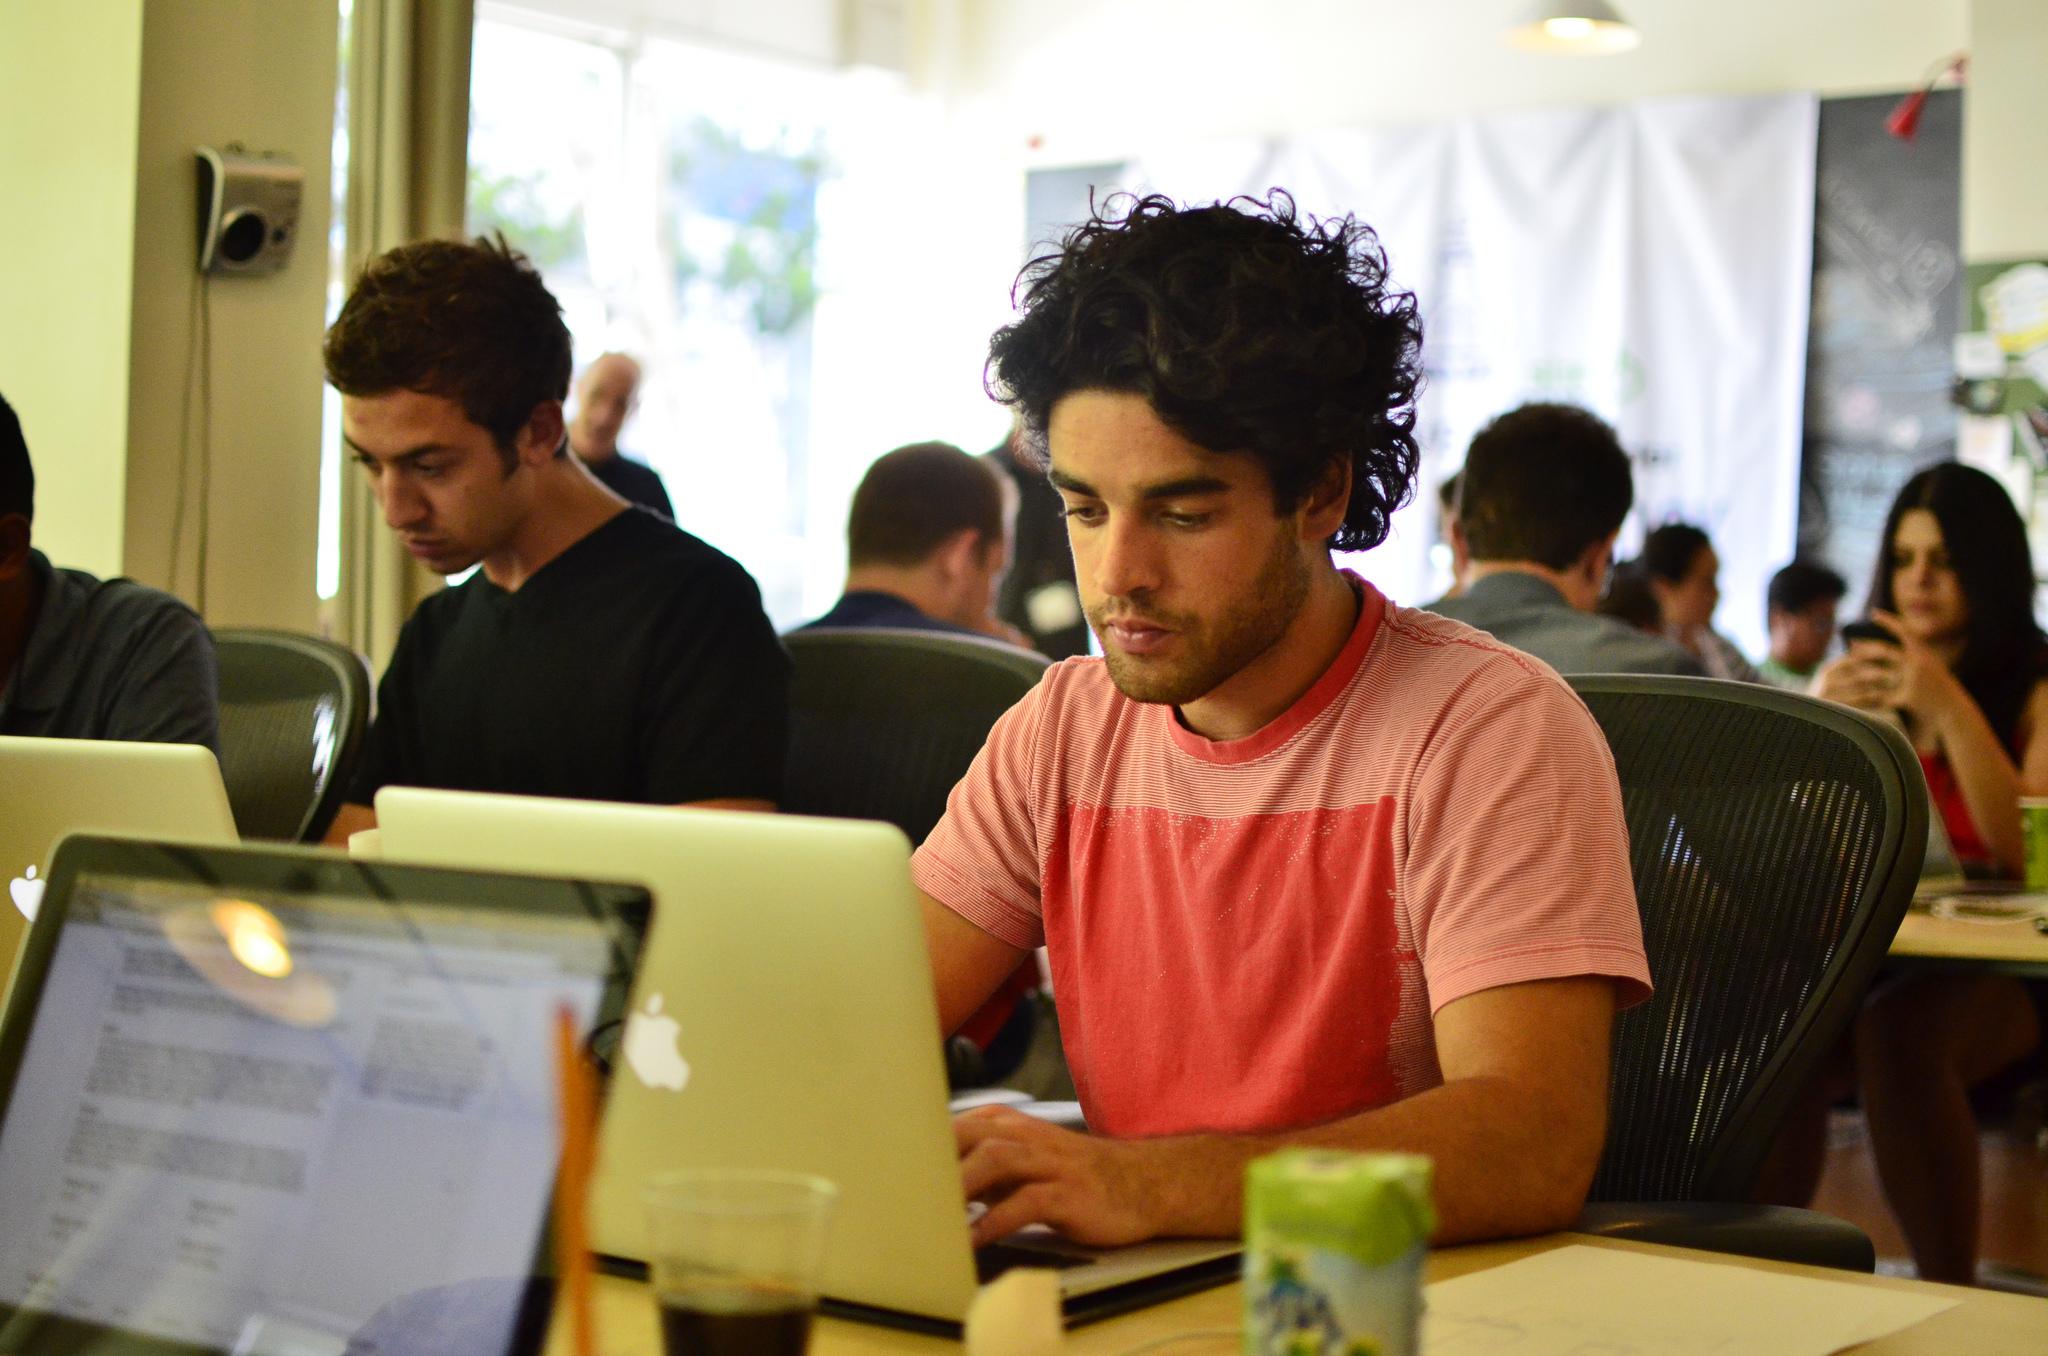 Man laptop startup Philippe Lewicki Flickr